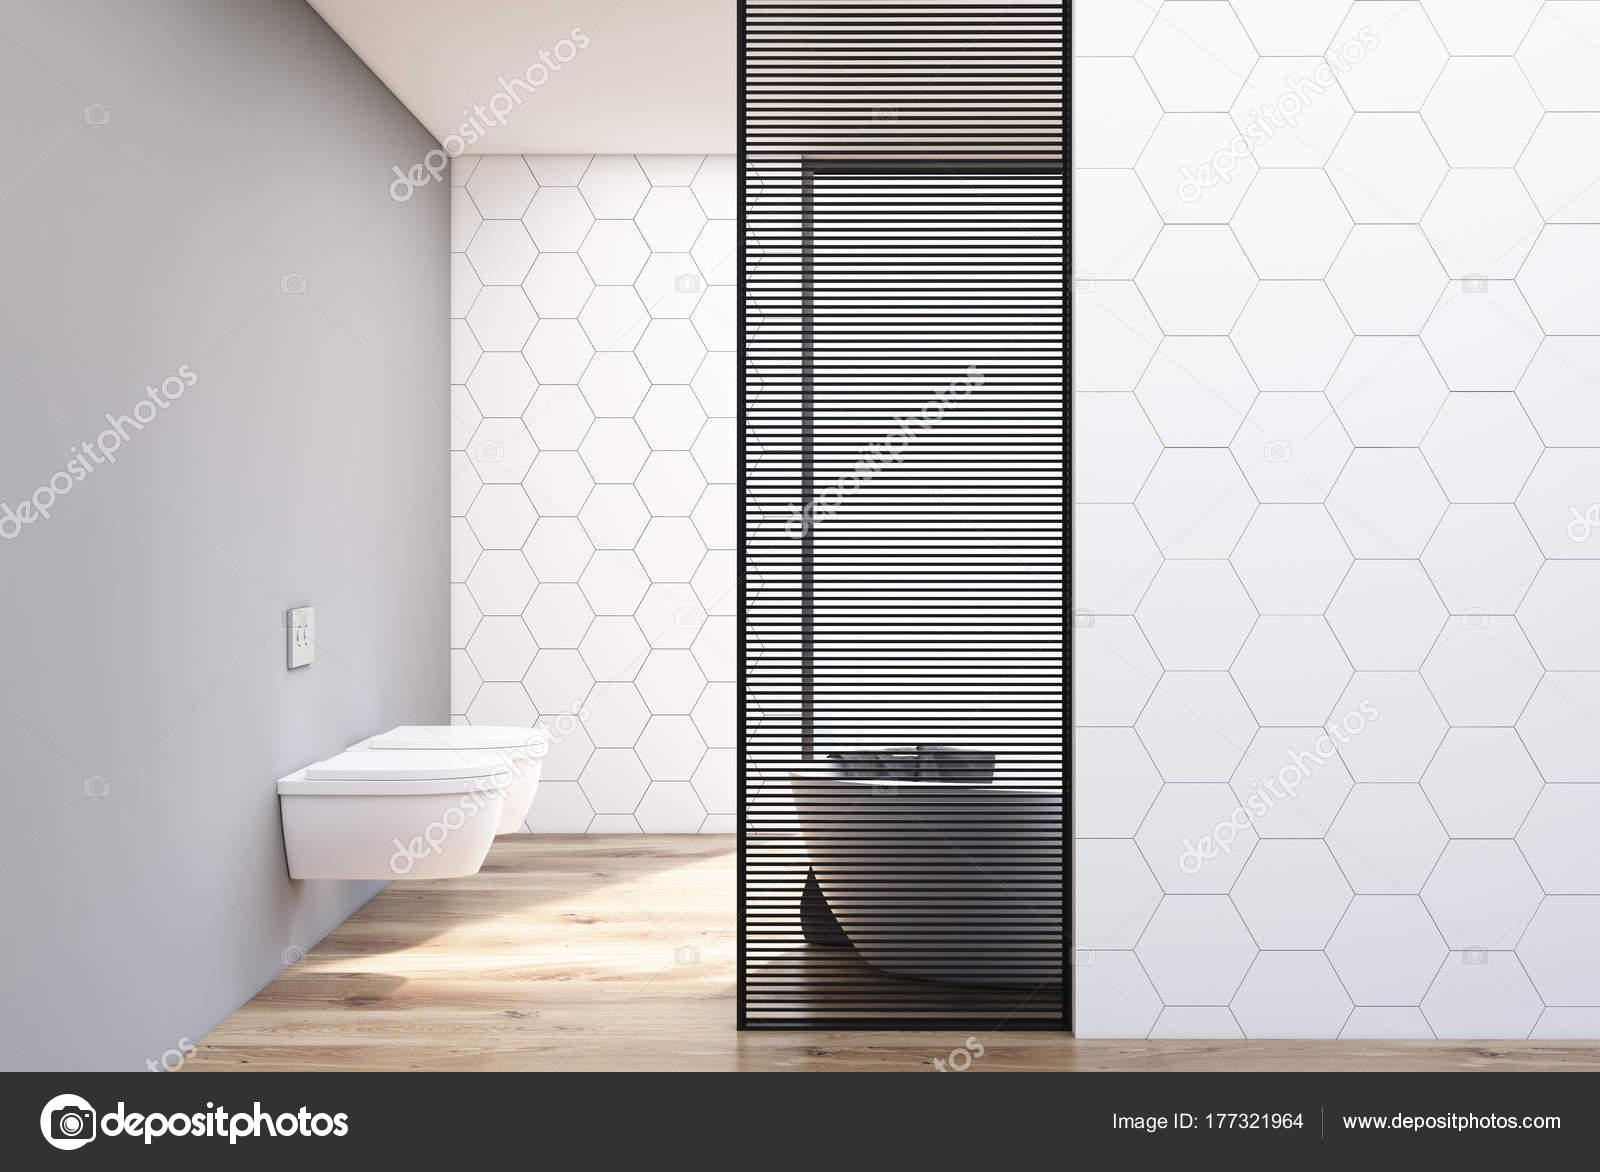 Bagno rivestito di piastrelle bianche vasca e wc u foto stock